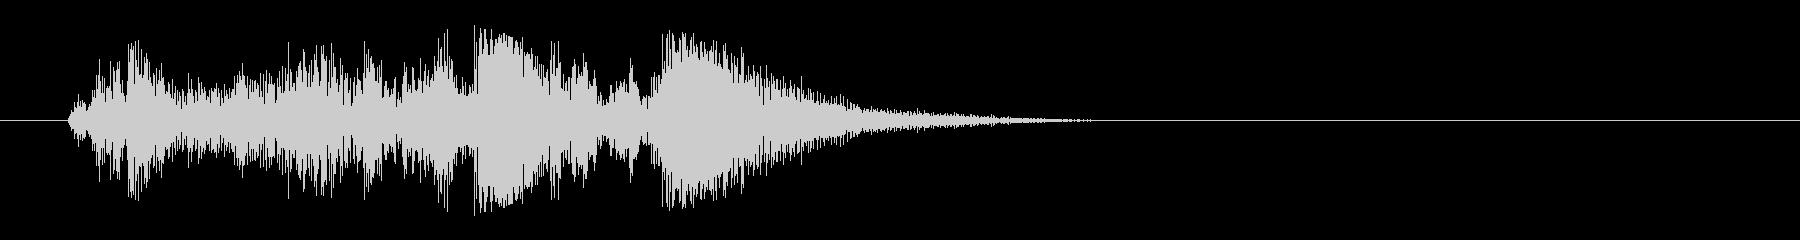 チュイン(高めの音)の未再生の波形